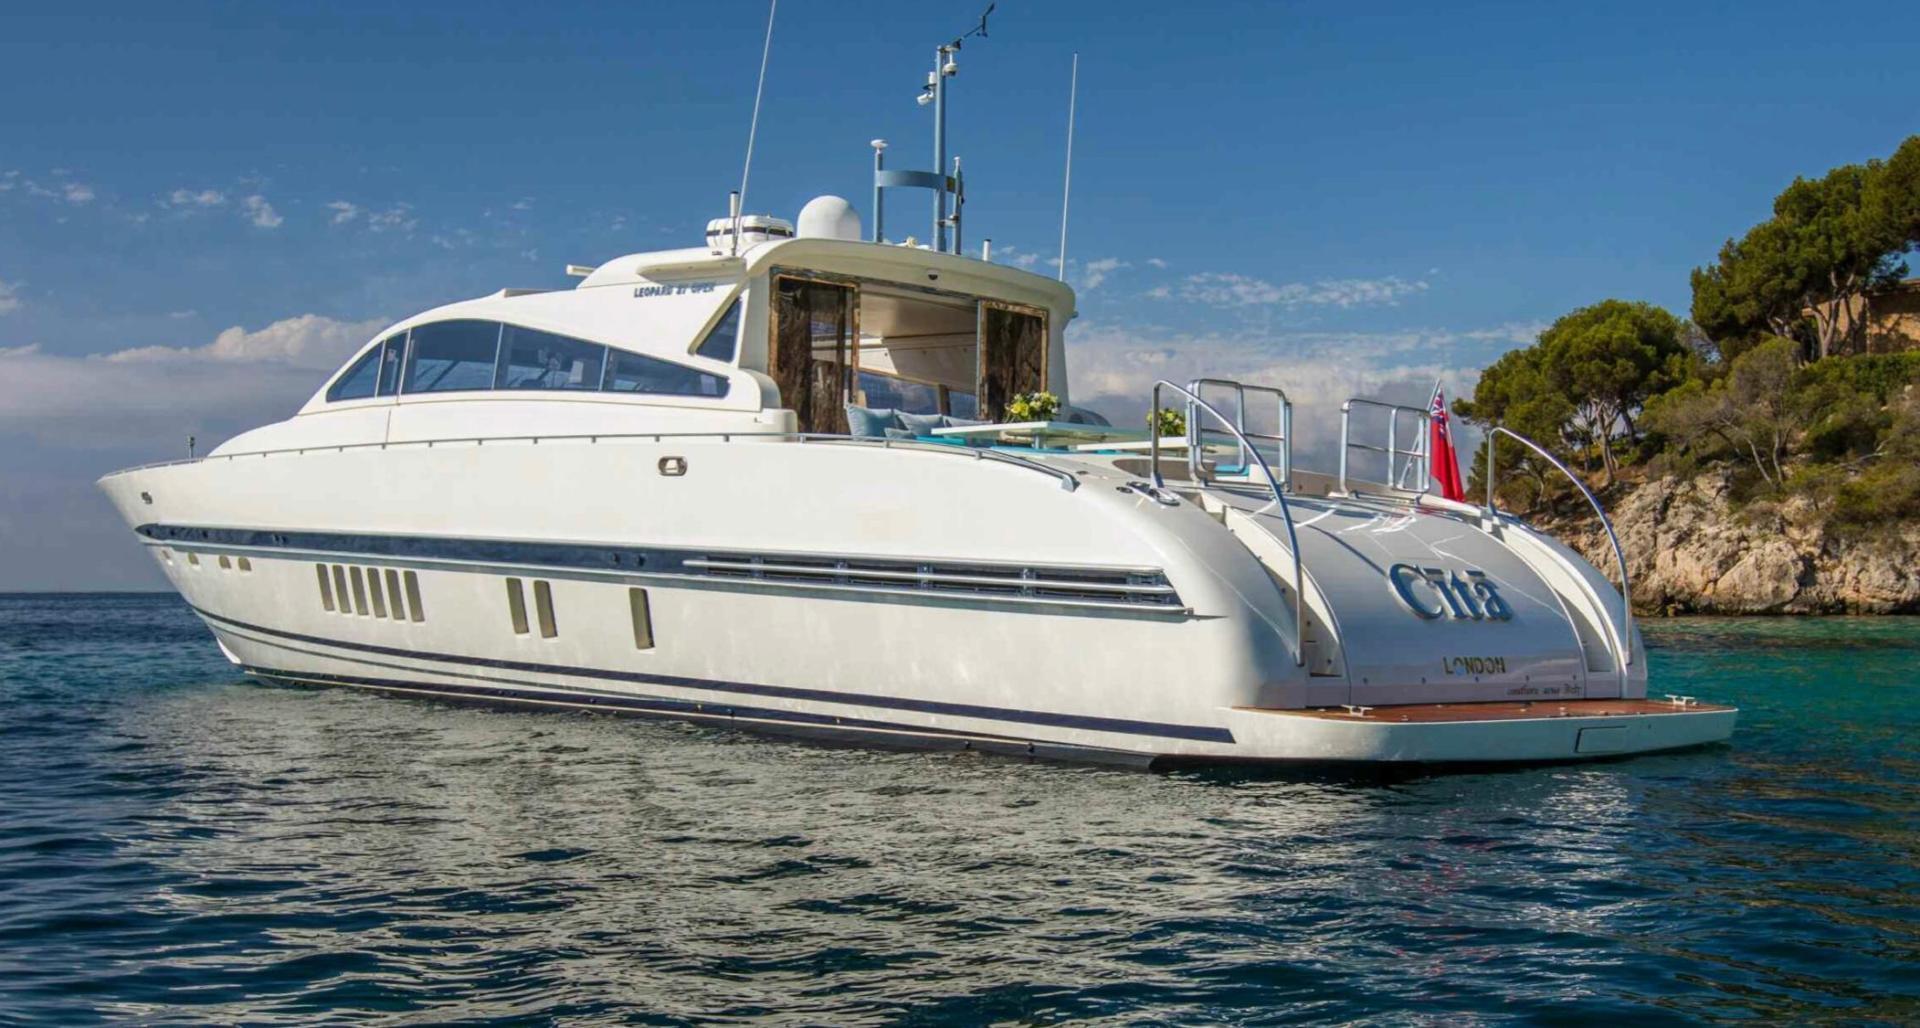 Arno Leopard-Express Cruiser 2001-CITA Palma de Mallorca-Spain-1407836 | Thumbnail